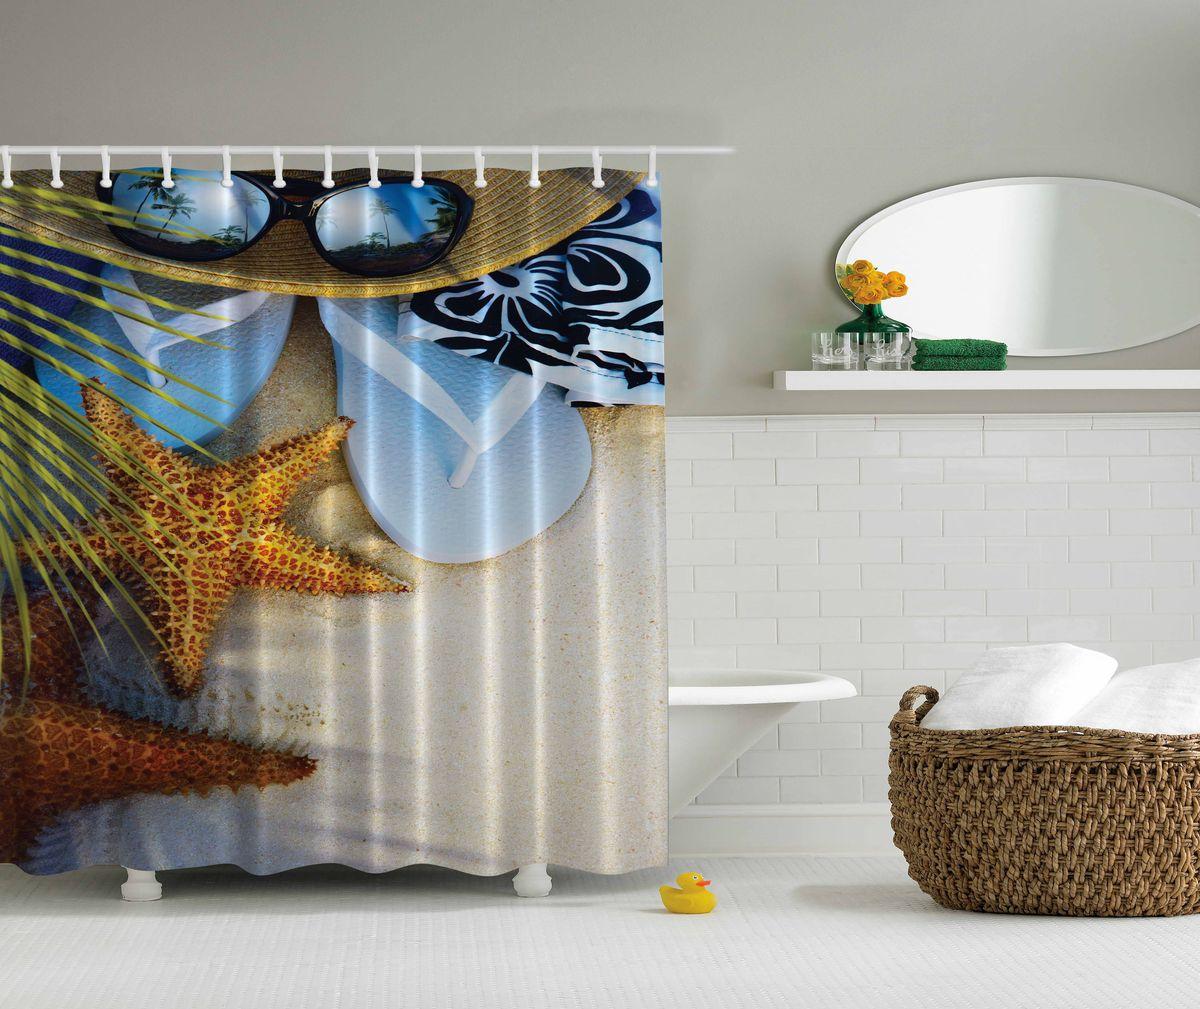 Штора для ванной комнаты Magic Lady Пляжный отдых, 180 х 200 см96515412Штора Magic Lady Пляжный отдых, изготовленная из высококачественного сатена (полиэстер 100%), отлично дополнит любой интерьер ванной комнаты. При изготовлении используются специальные гипоаллергенные чернила для прямой печати по ткани, безопасные для человека.В комплекте: 1 штора, 12 крючков. Обращаем ваше внимание, фактический цвет изделия может незначительно отличаться от представленного на фото.